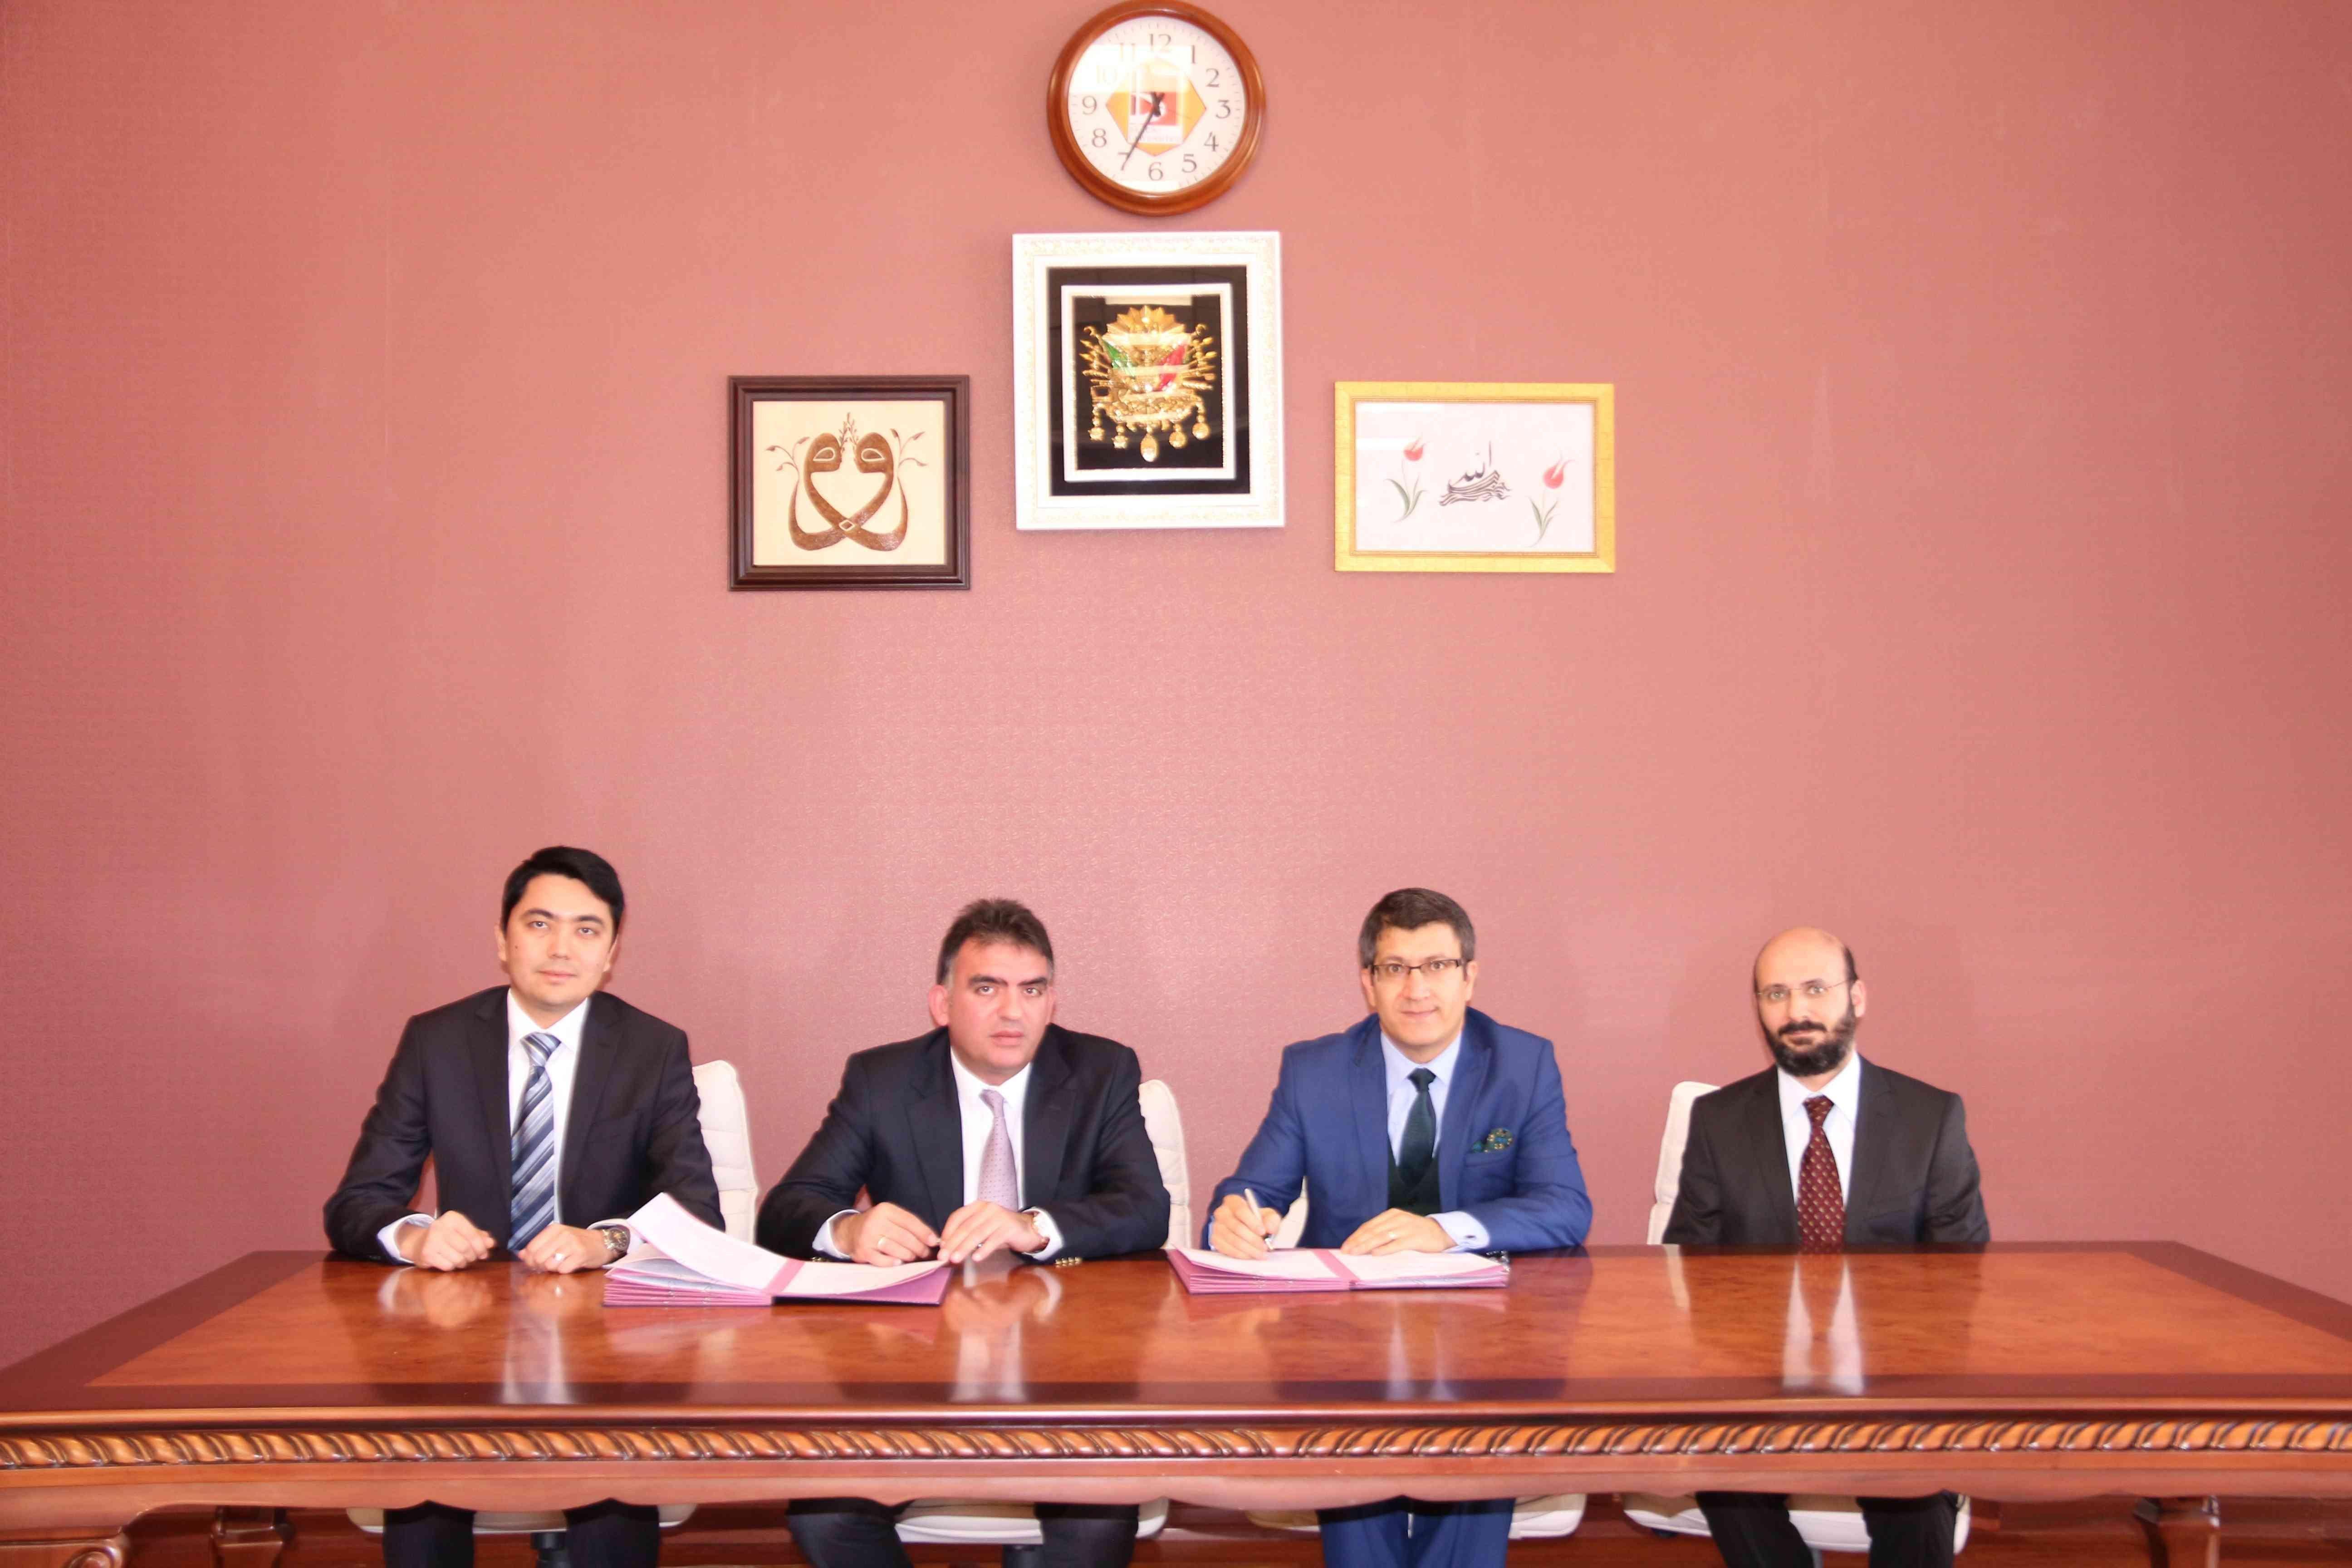 Üniversite ve CuteSafe Arasında İşbirliği Çerçeve Protokolü İmzalandı